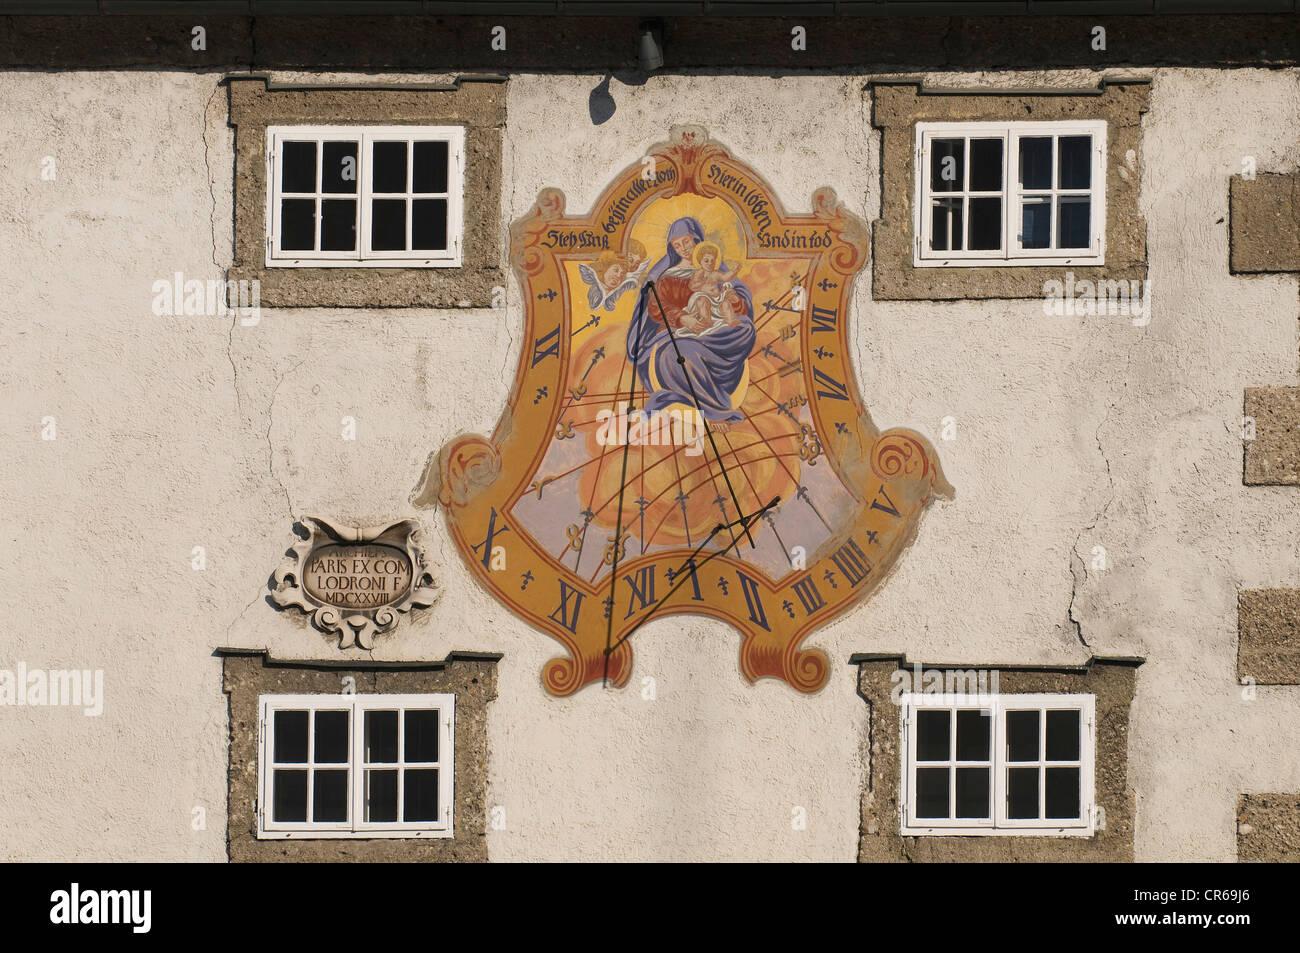 Maria e Cristo Bambino, orologio solare con una preghiera, Steh uns bei in aller non hier im Leben und im Tod, Tedesco Immagini Stock